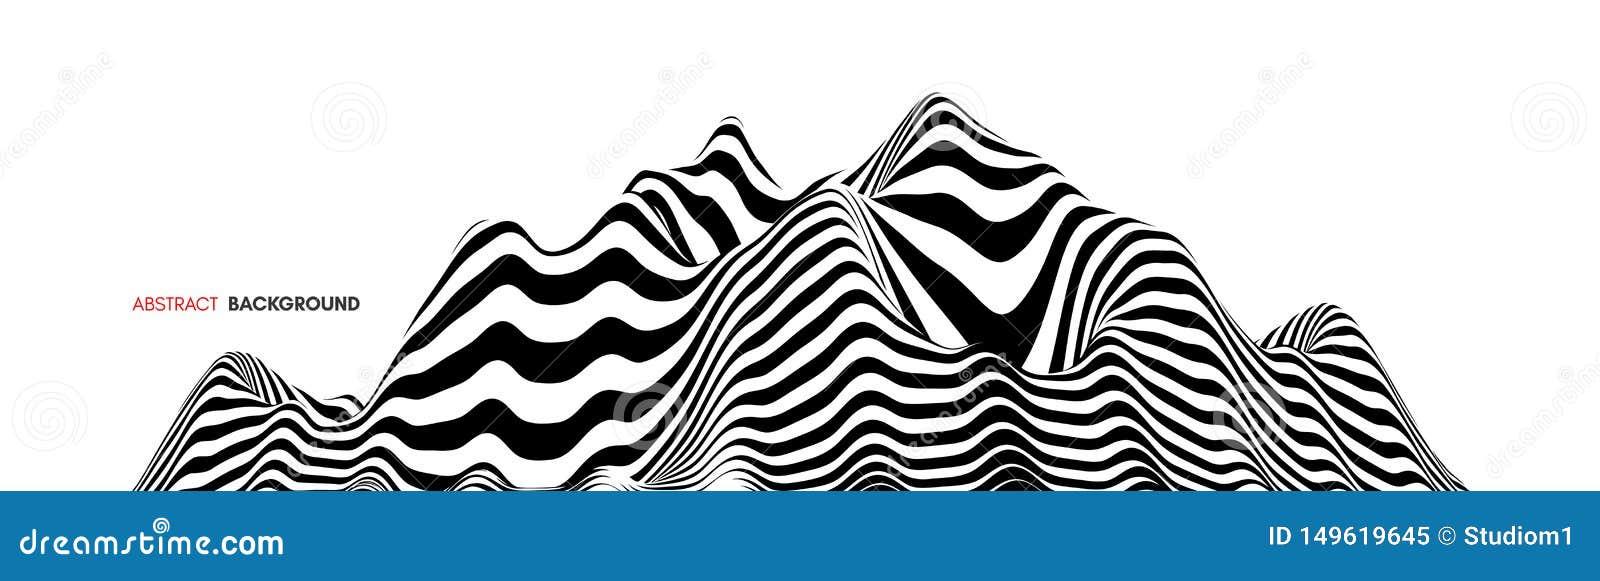 Landschaftshintergrund gel?nde Ogange Blume Fractal Muster mit optischer Illusion Abbildung des Vektor 3d